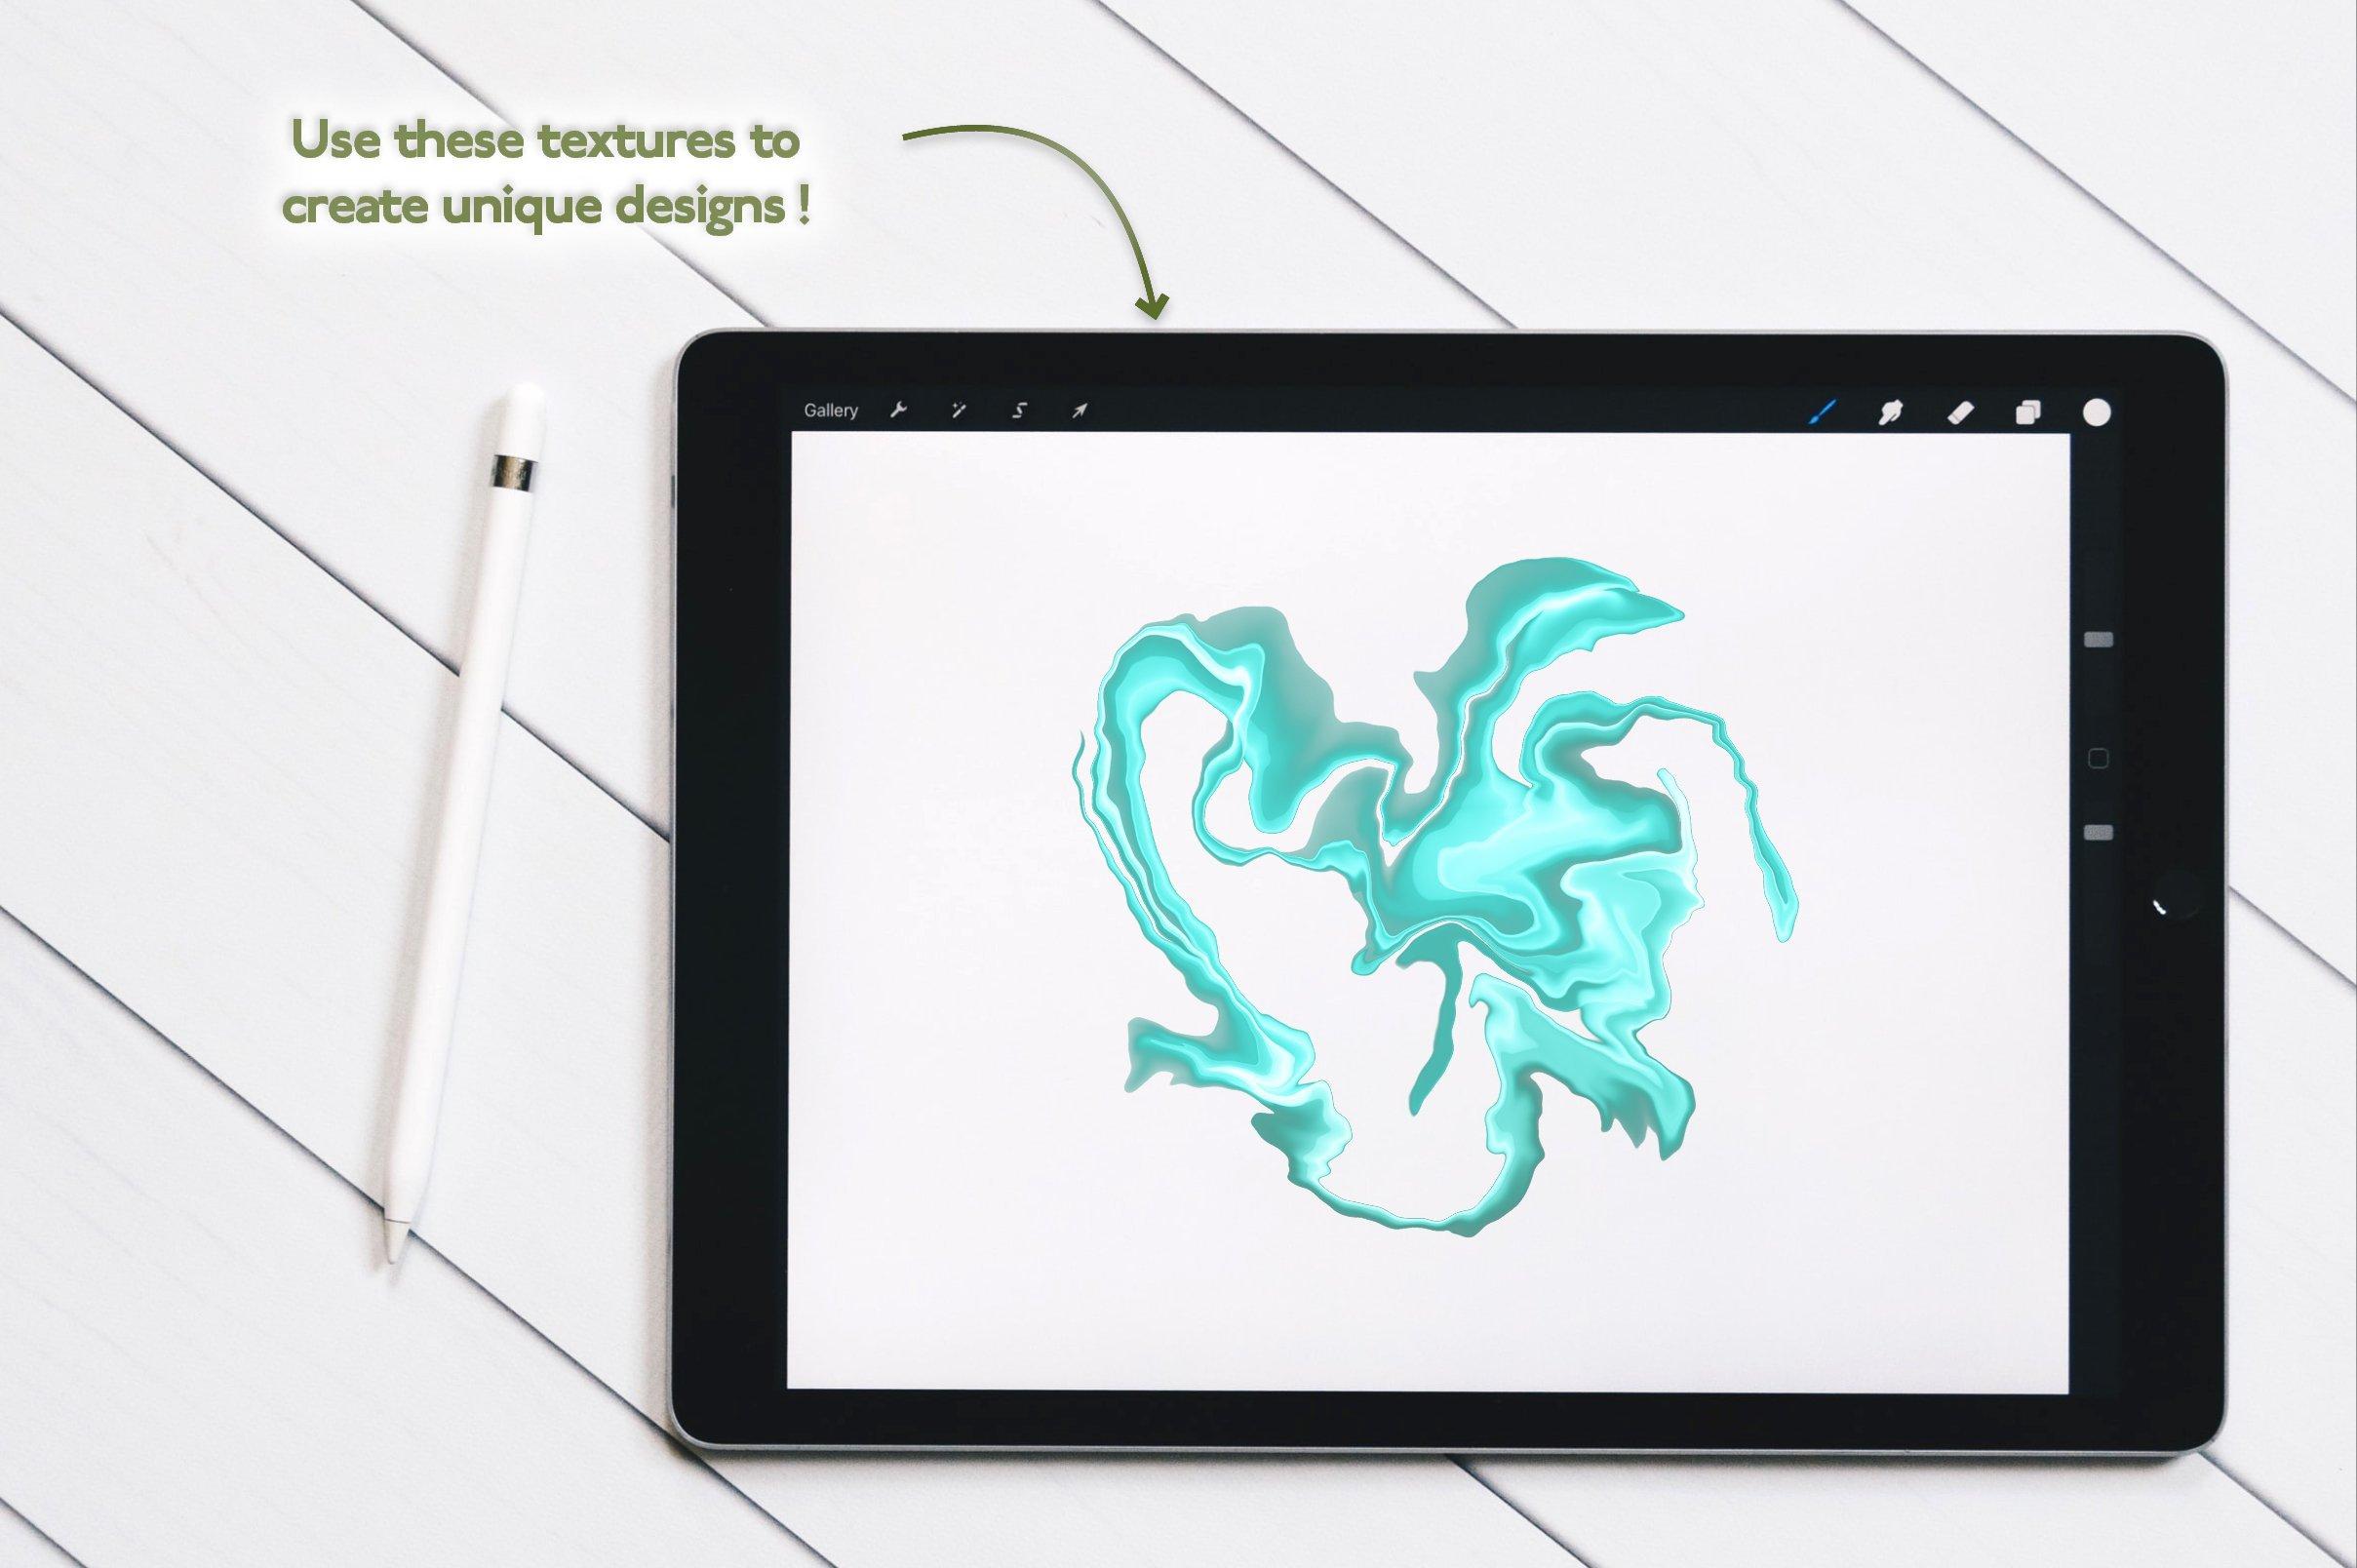 多用途创意万圣节元素Procreate笔刷+大理石纹理套装designshidai_bishua037